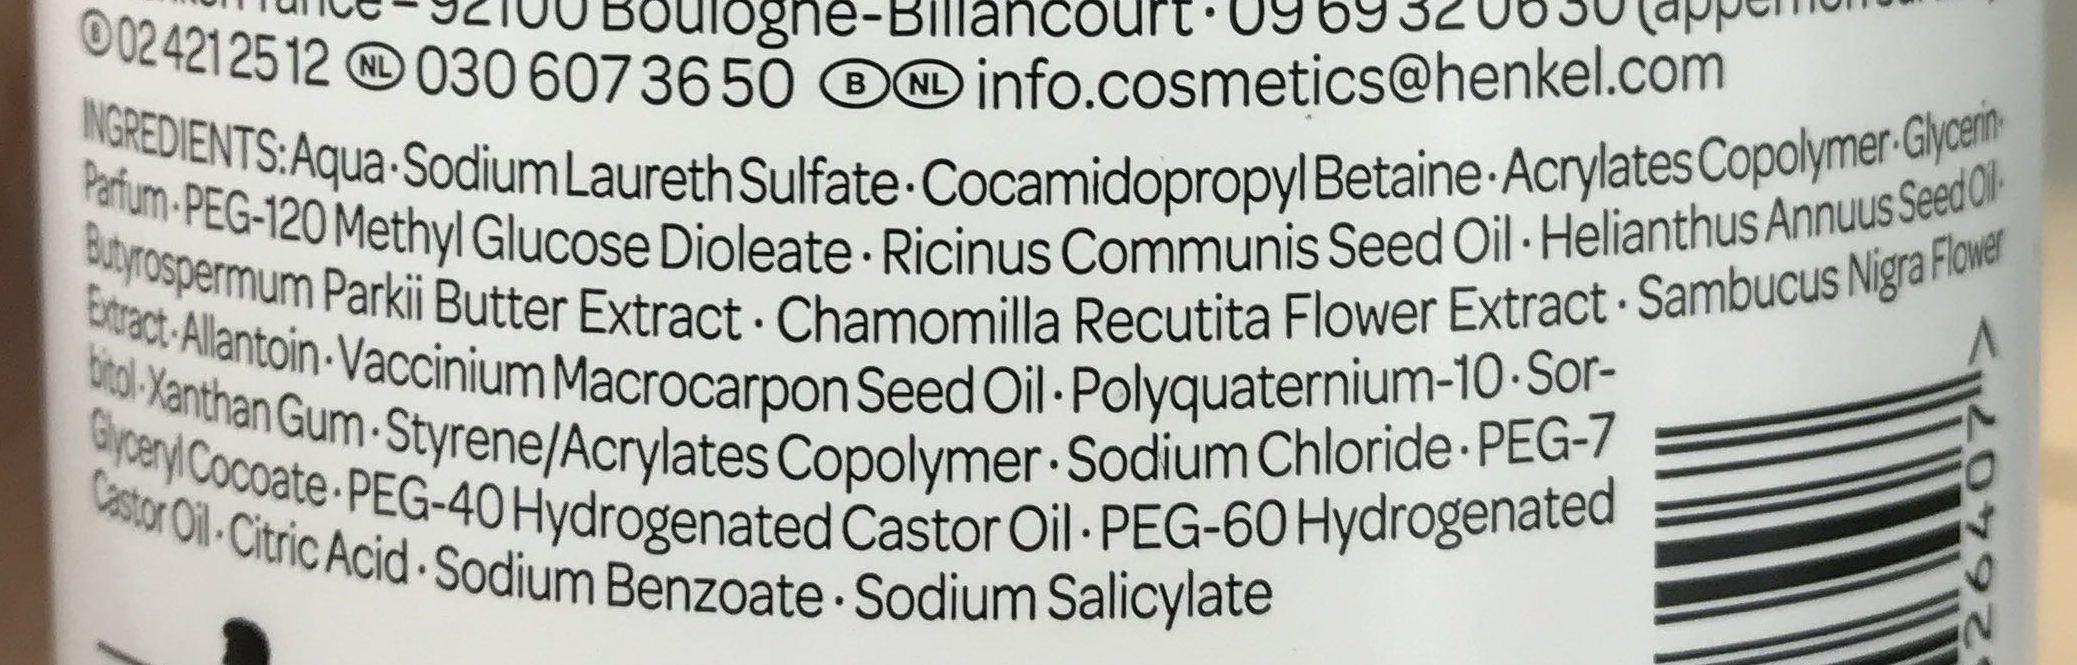 Douche crème apaisante Sensitive - Ingredients